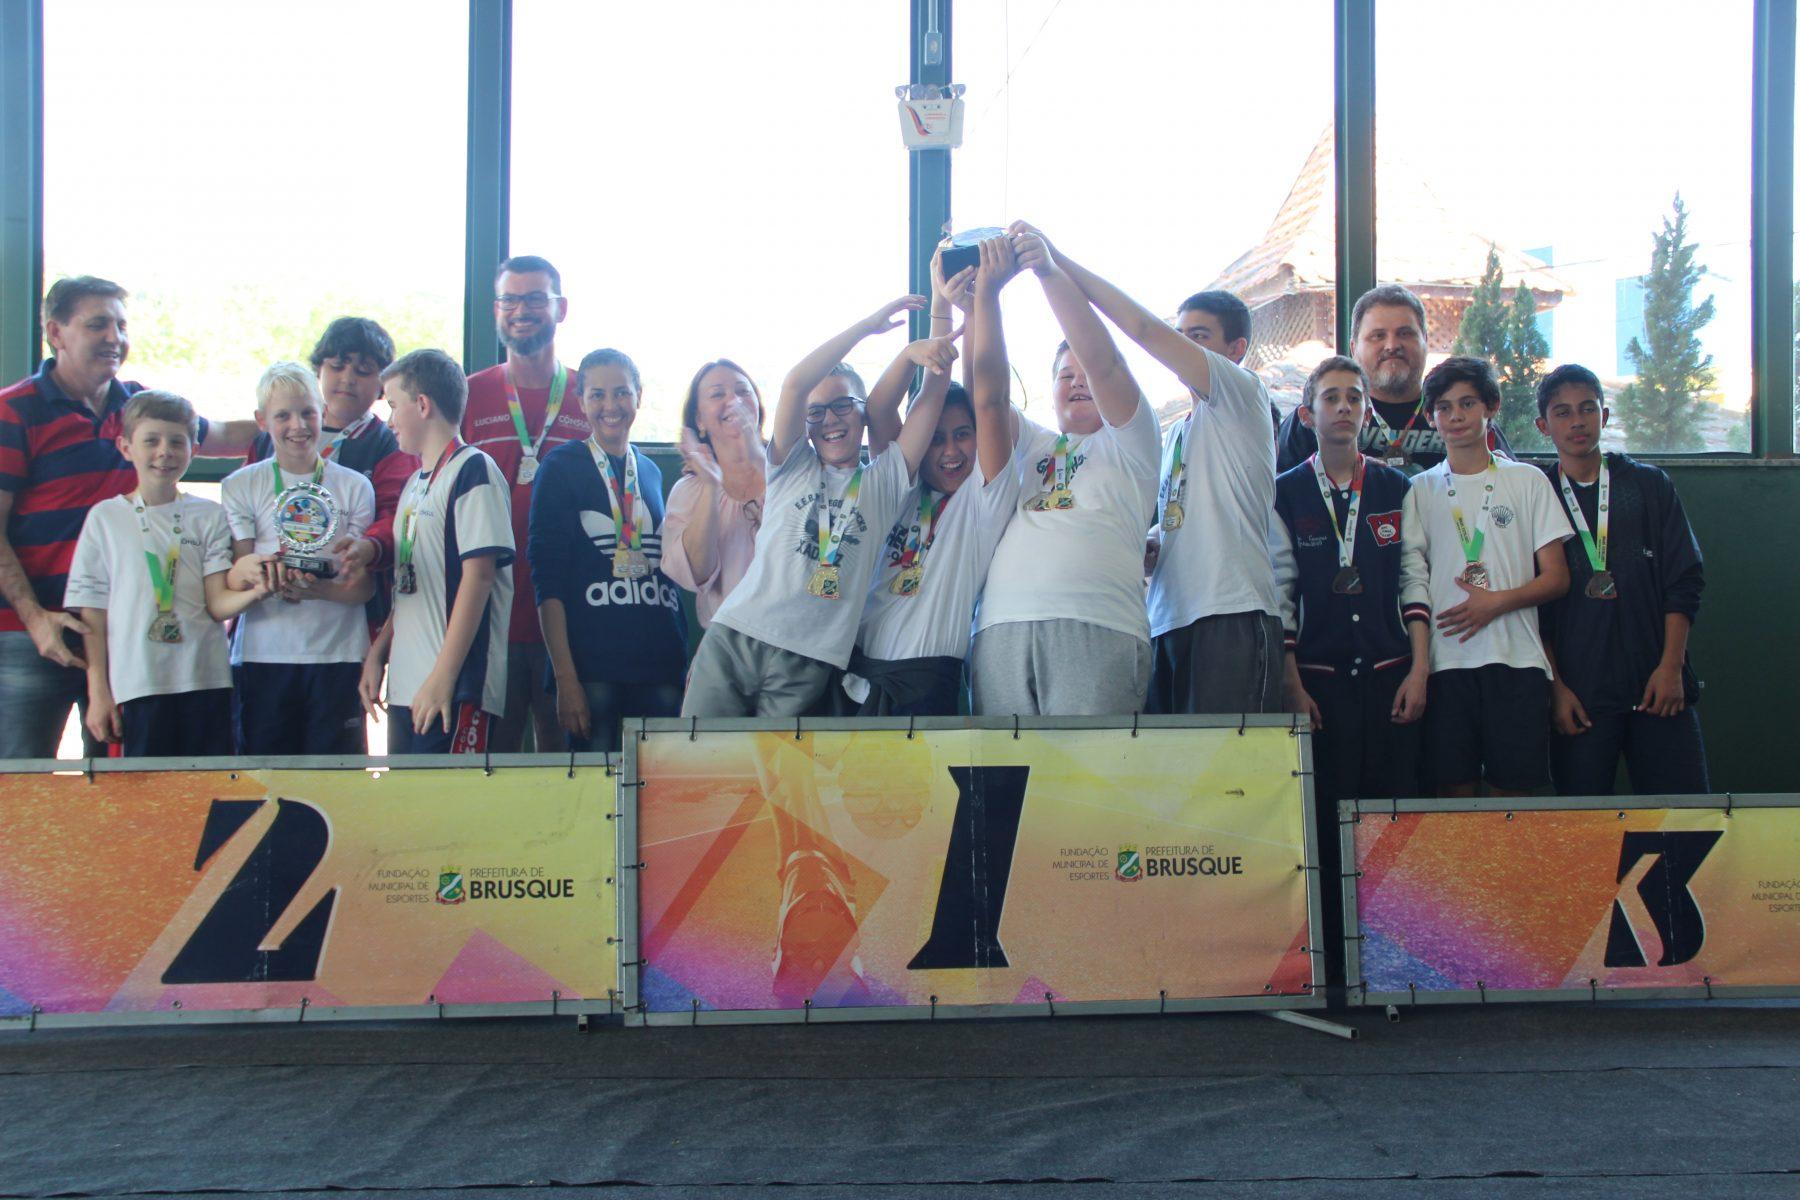 Jogos Escolares de Brusque finalizam com finais do xadrez, voleibol e futsal feminino